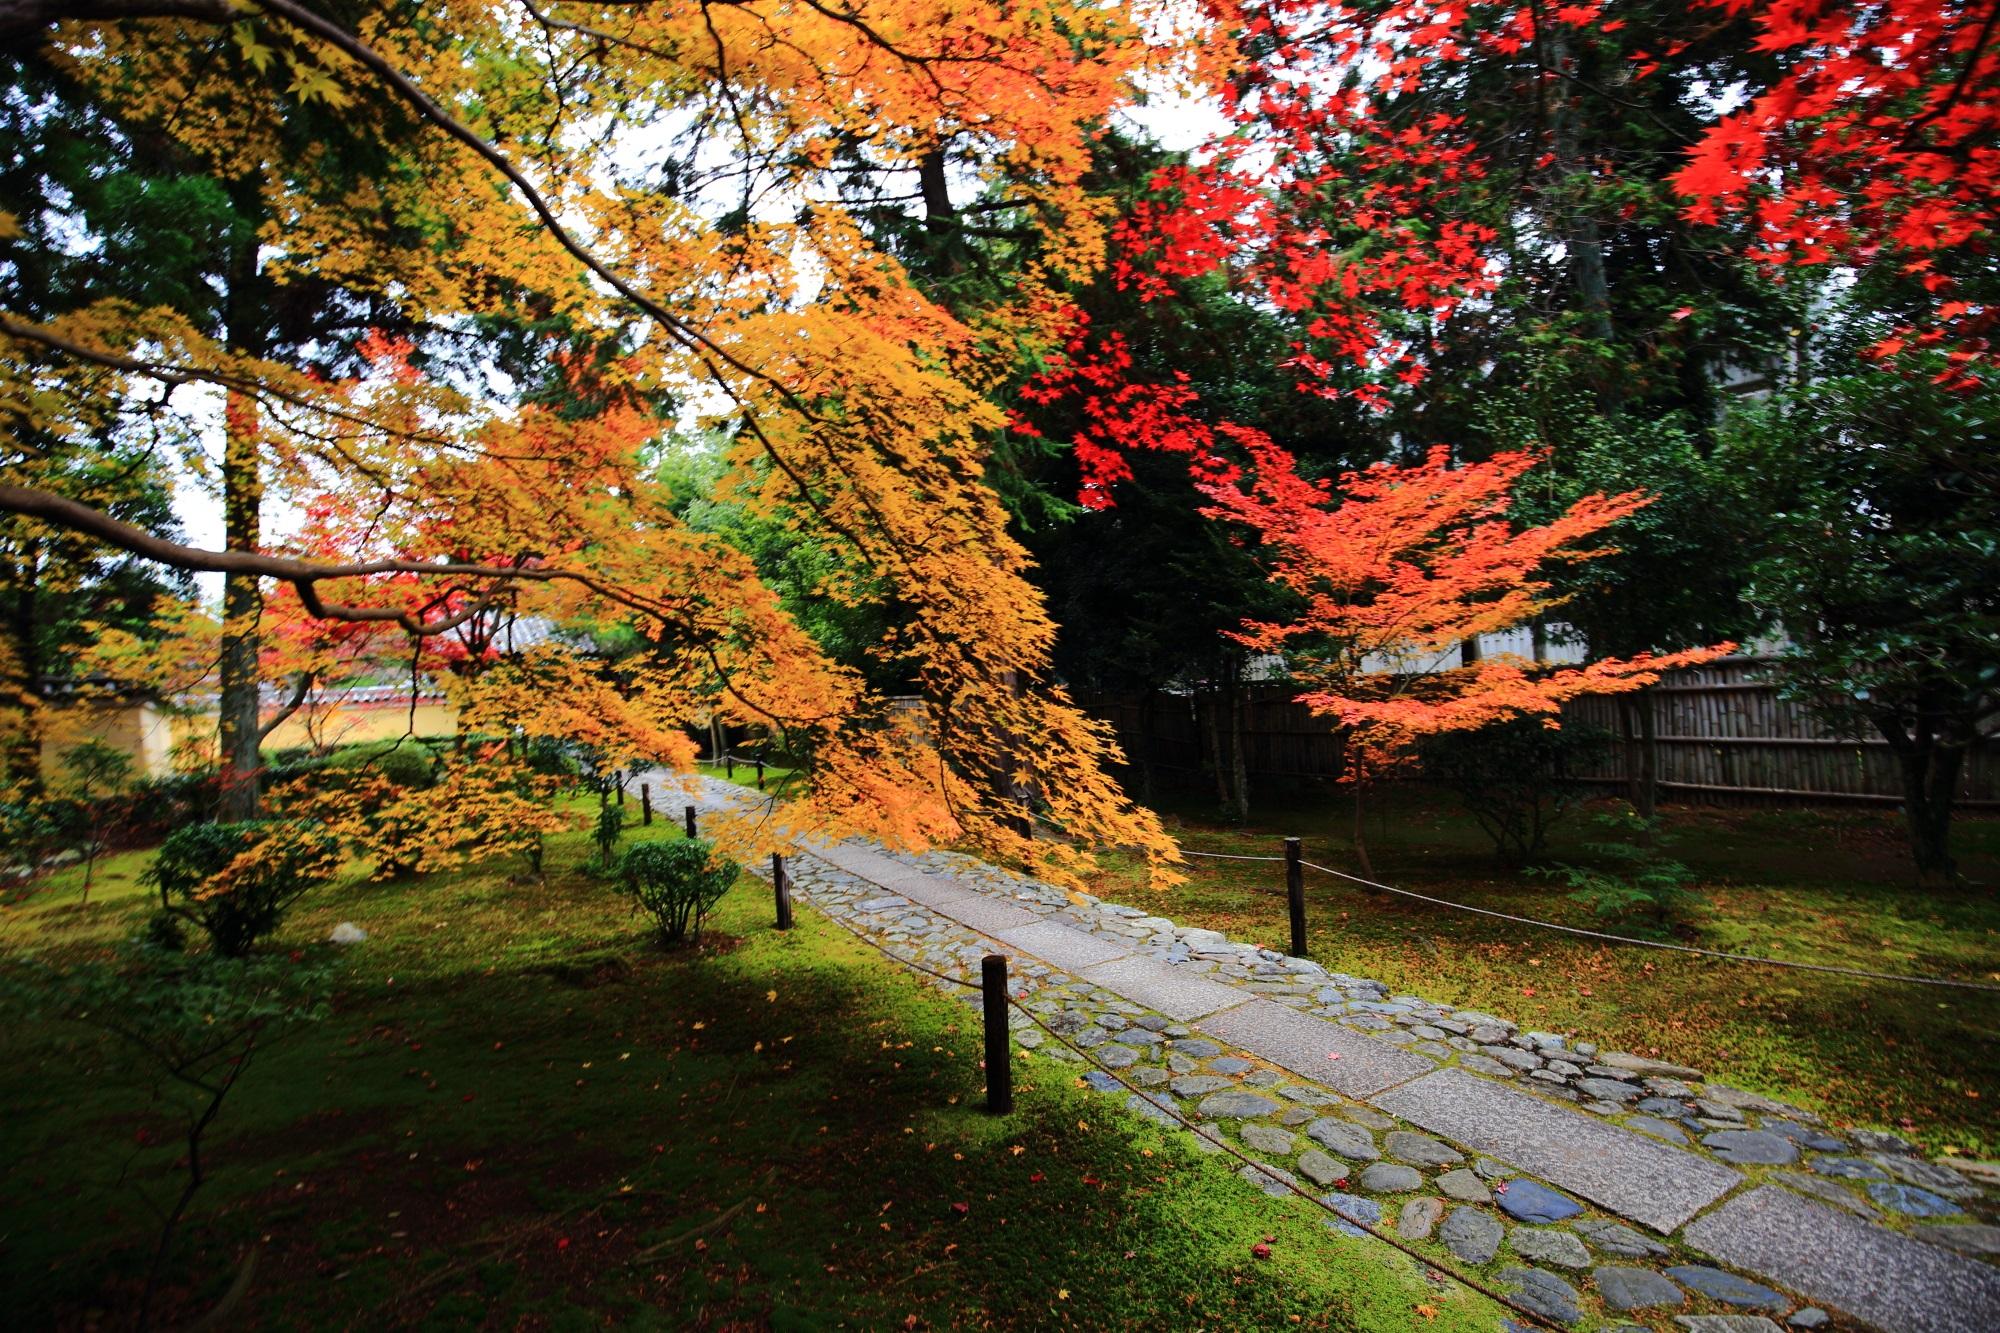 ろくおういんの参道の見ごろの色とりどりの紅葉